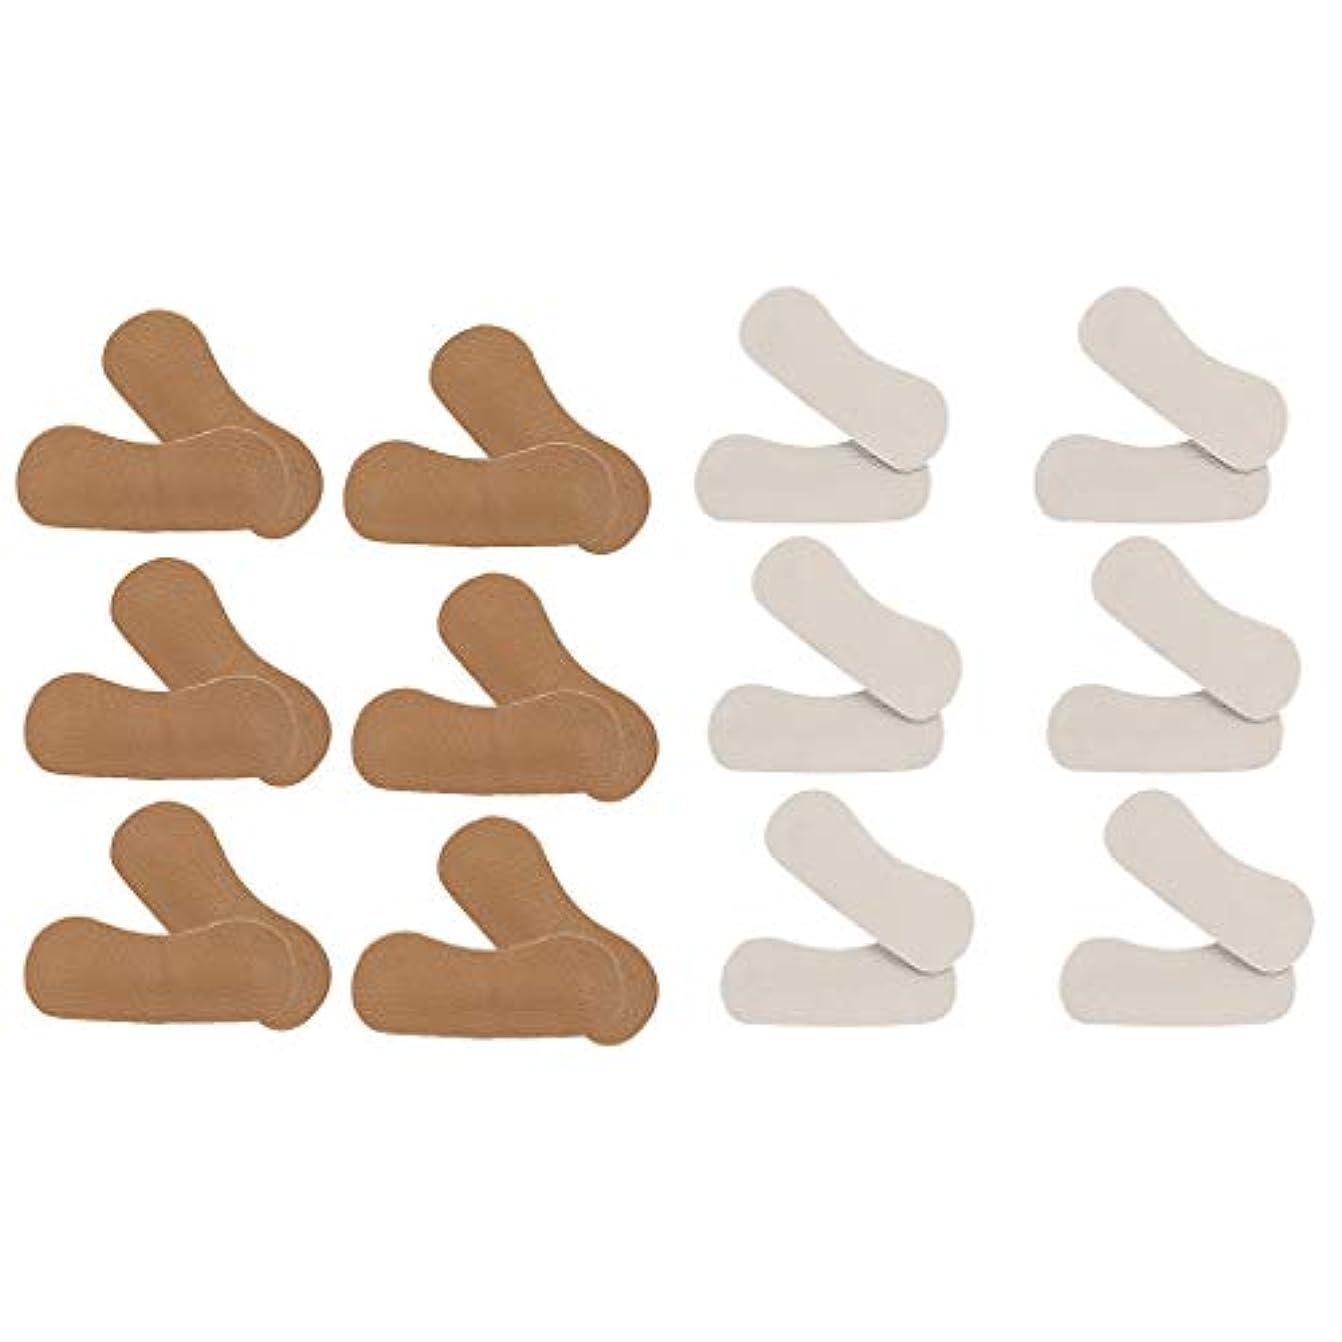 プロット気分が良いほとんどないchiwanji ヒールパッド クッション PUレザー かかと パッド 靴擦れ防止 保護 フットケア 男女兼用 12ペア